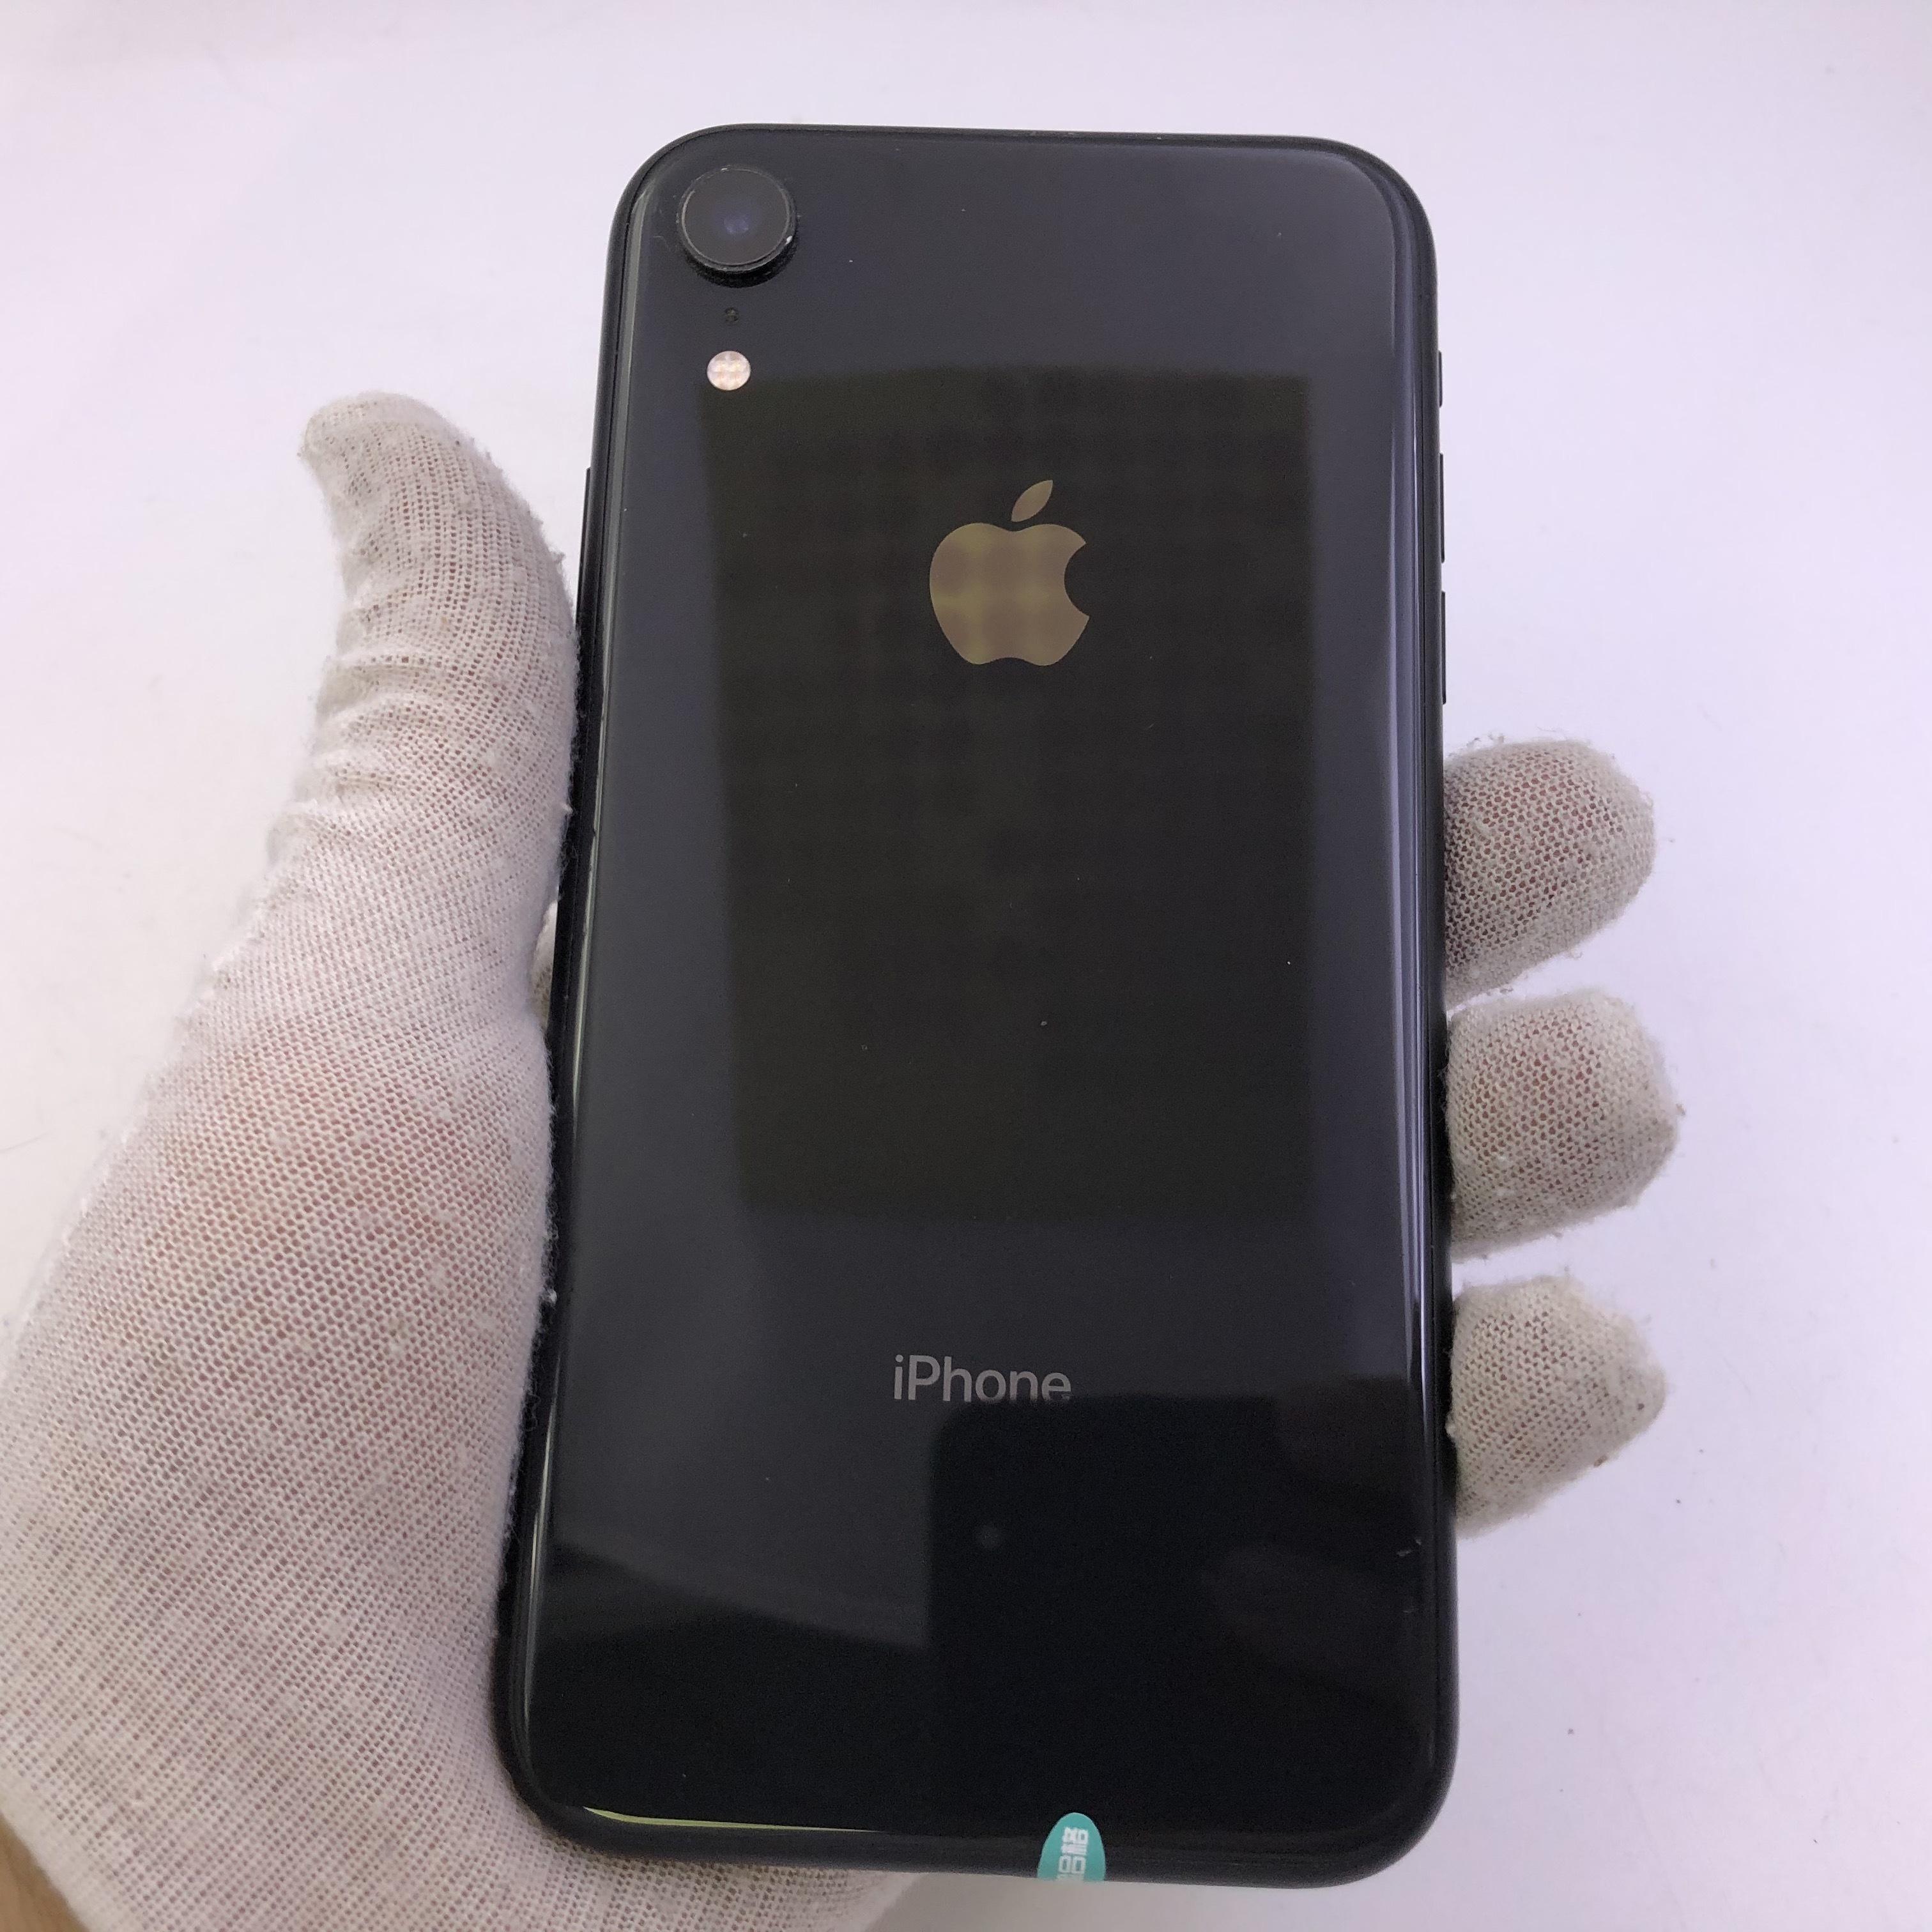 苹果【iPhone XR】4G全网通 黑色 256G 国际版 9成新